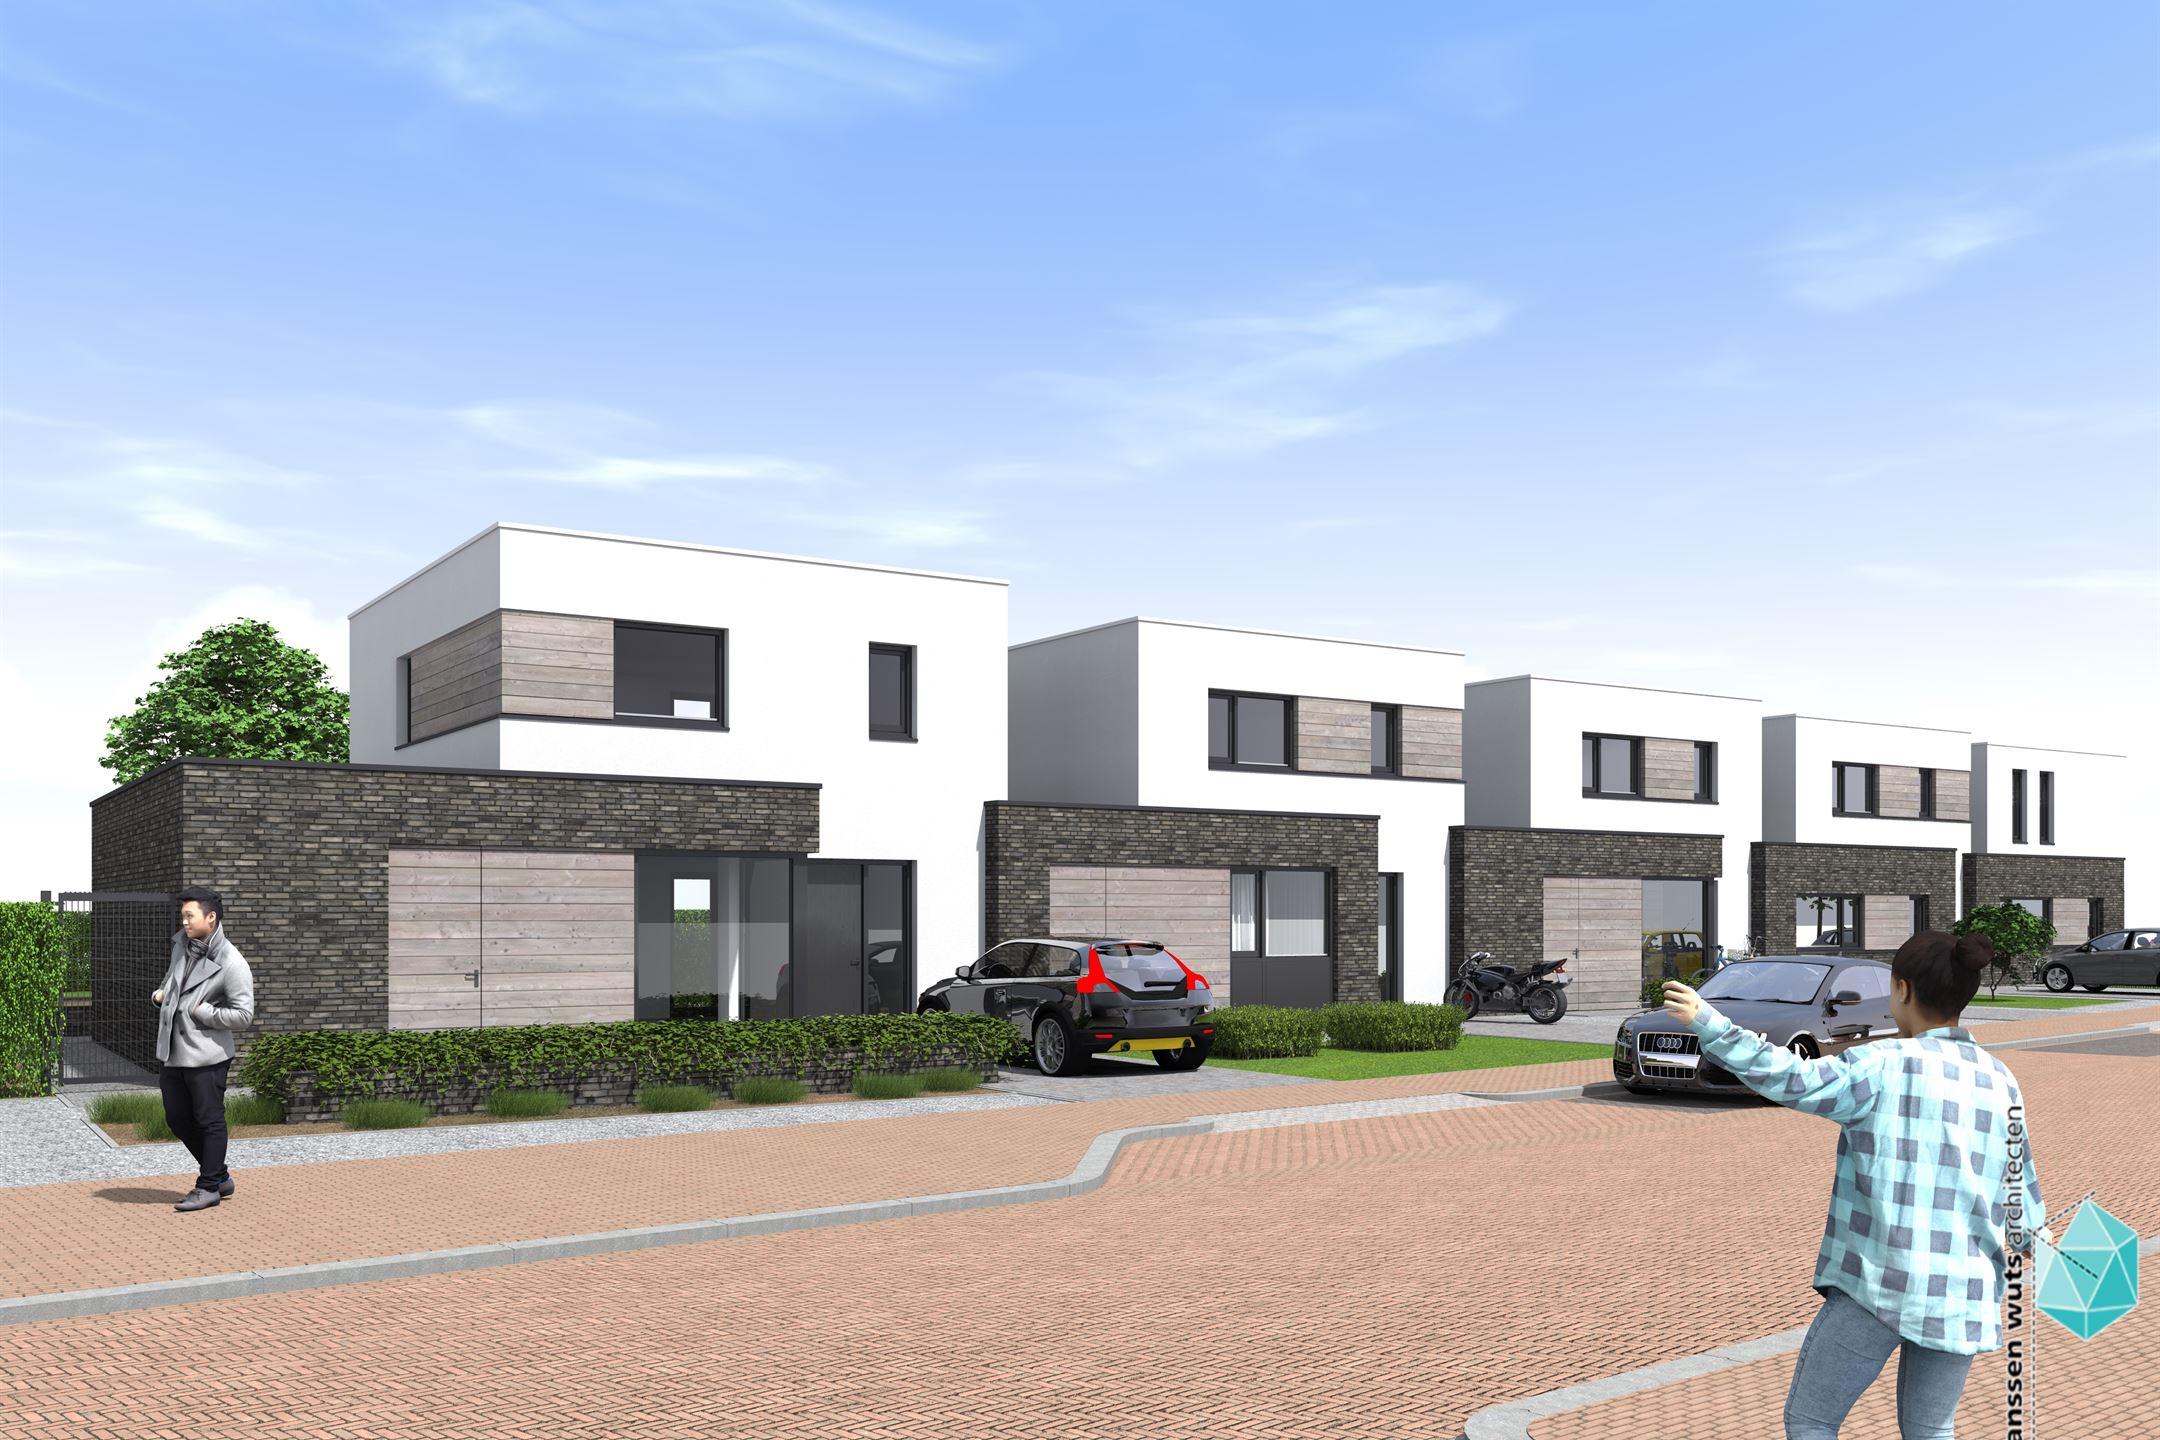 Nieuwbouwproject te koop: 5 woningen kloosterstraat herkenbosch [funda]